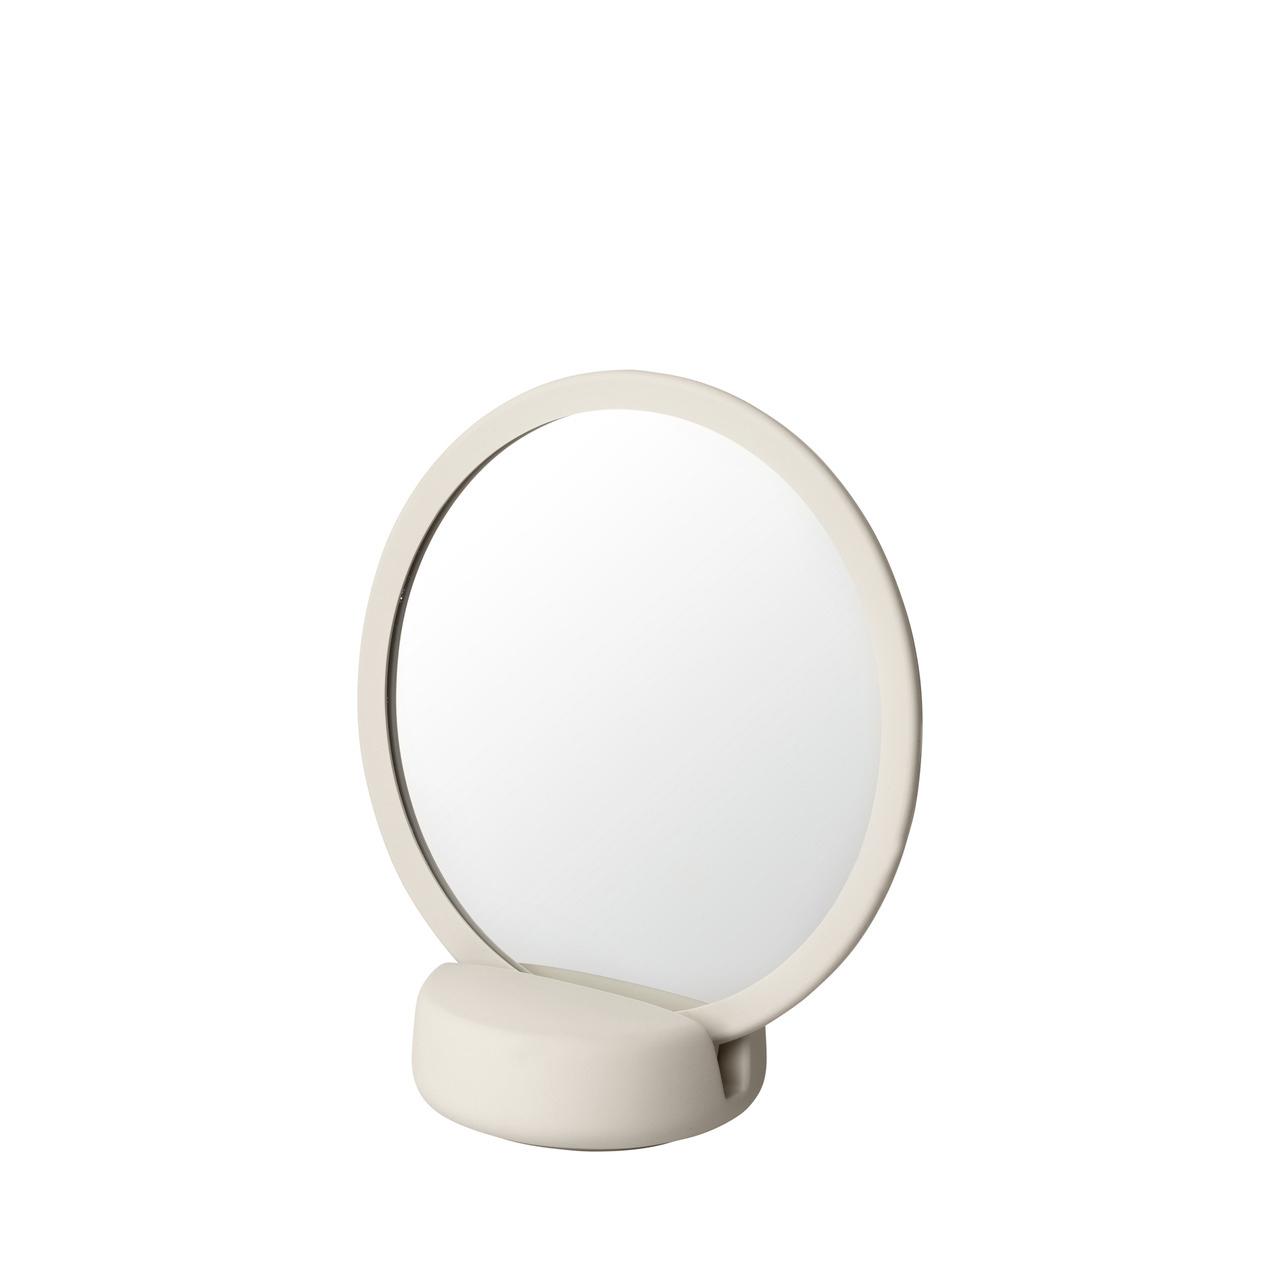 Blomus Bad-Spiegel SONO Kosmetikspiegel Ashley Blue 18,5 cm (blau) günstig online kaufen